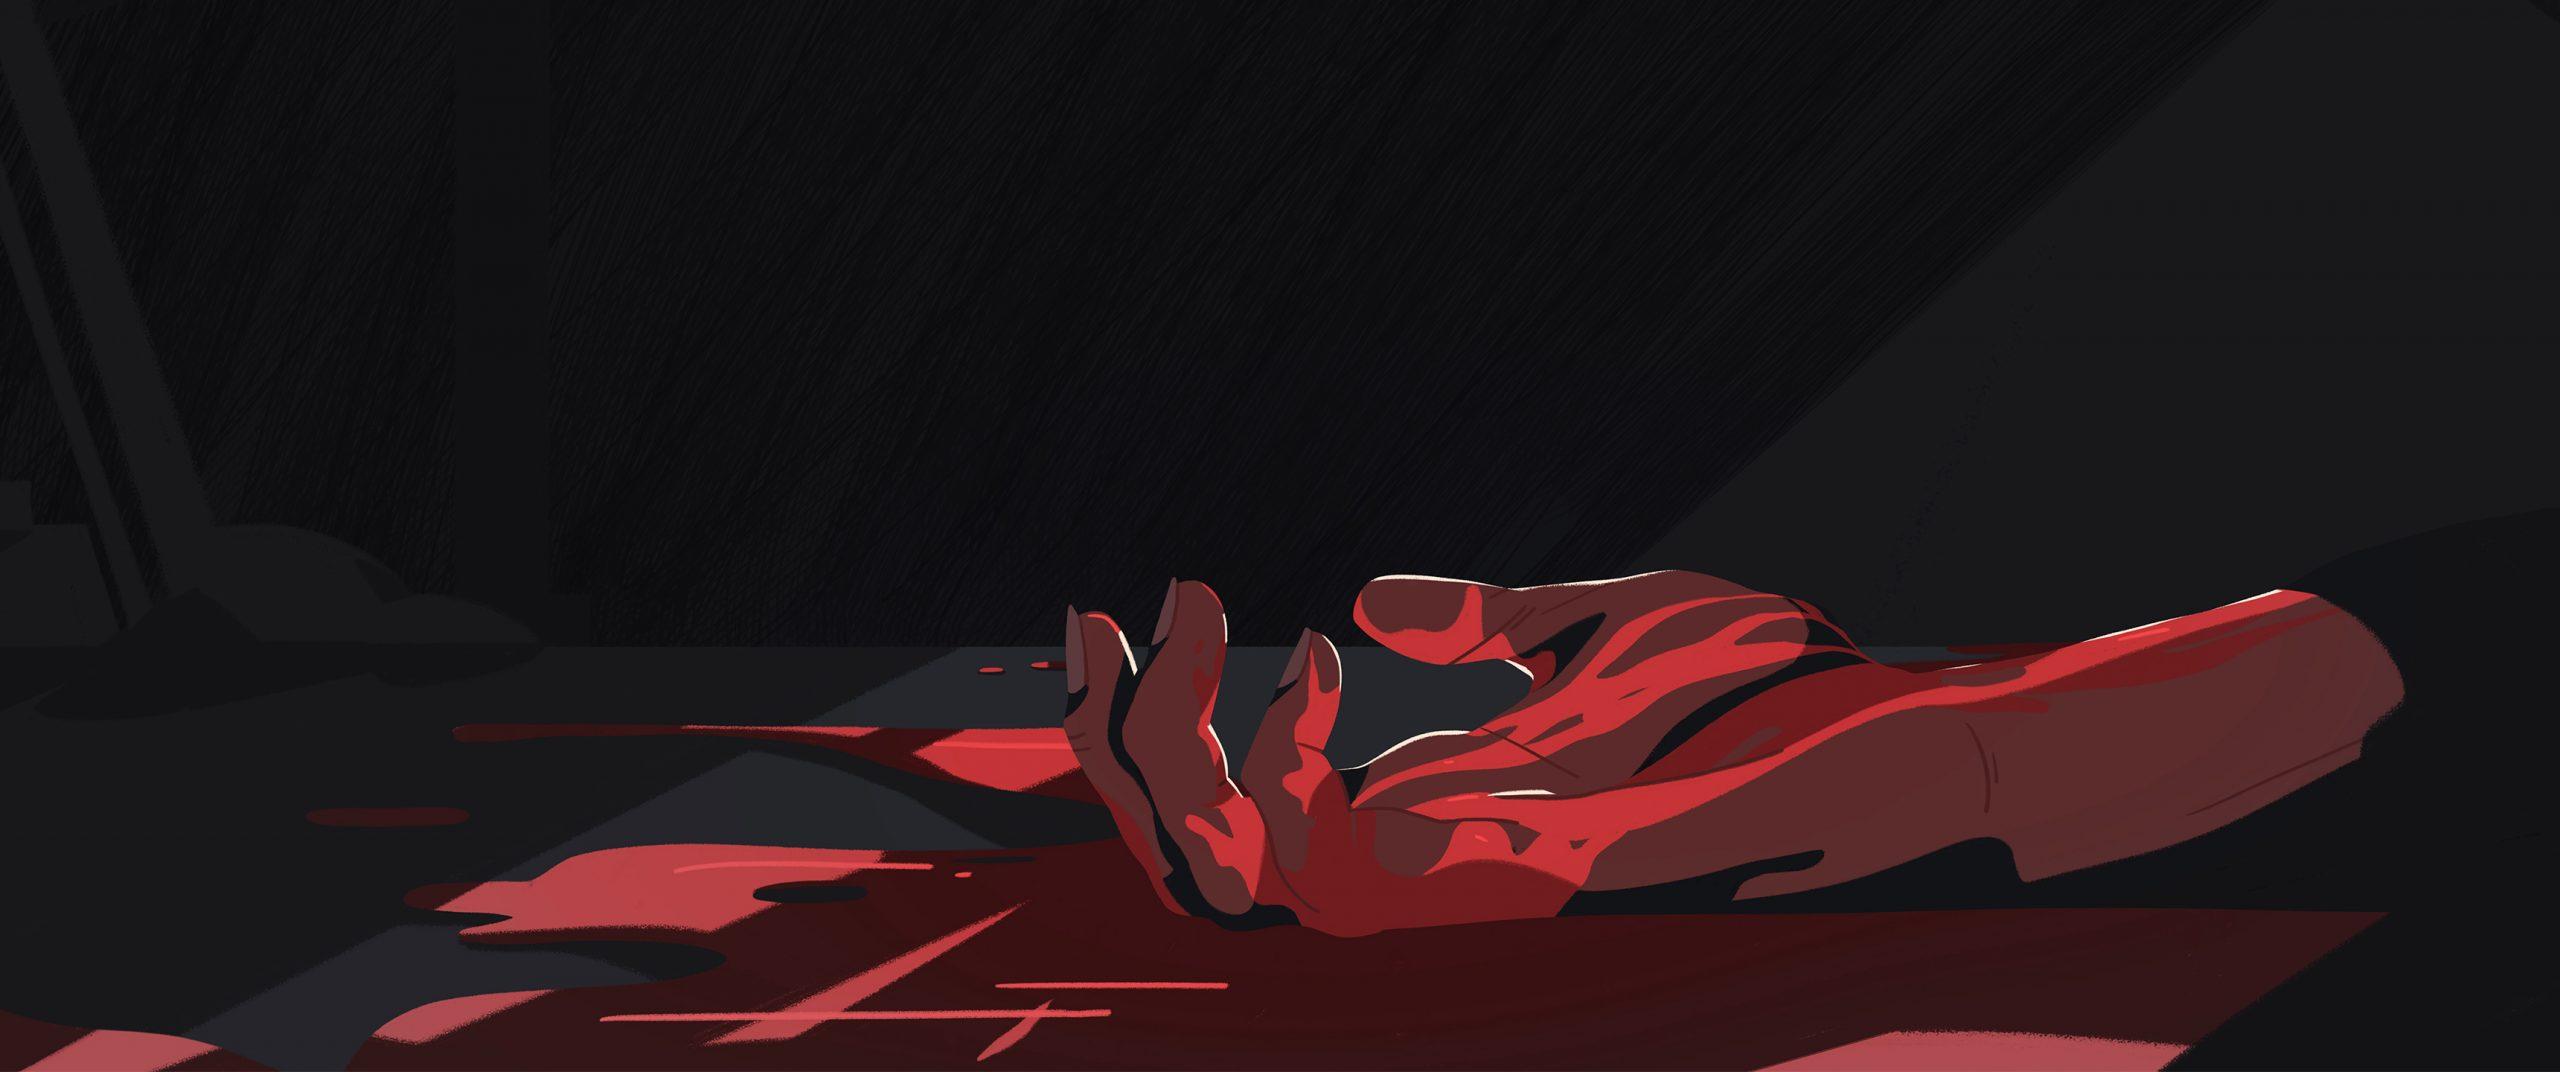 Арт: кадры из отменённого мультфильма повидеоигре The Last ofUs 1